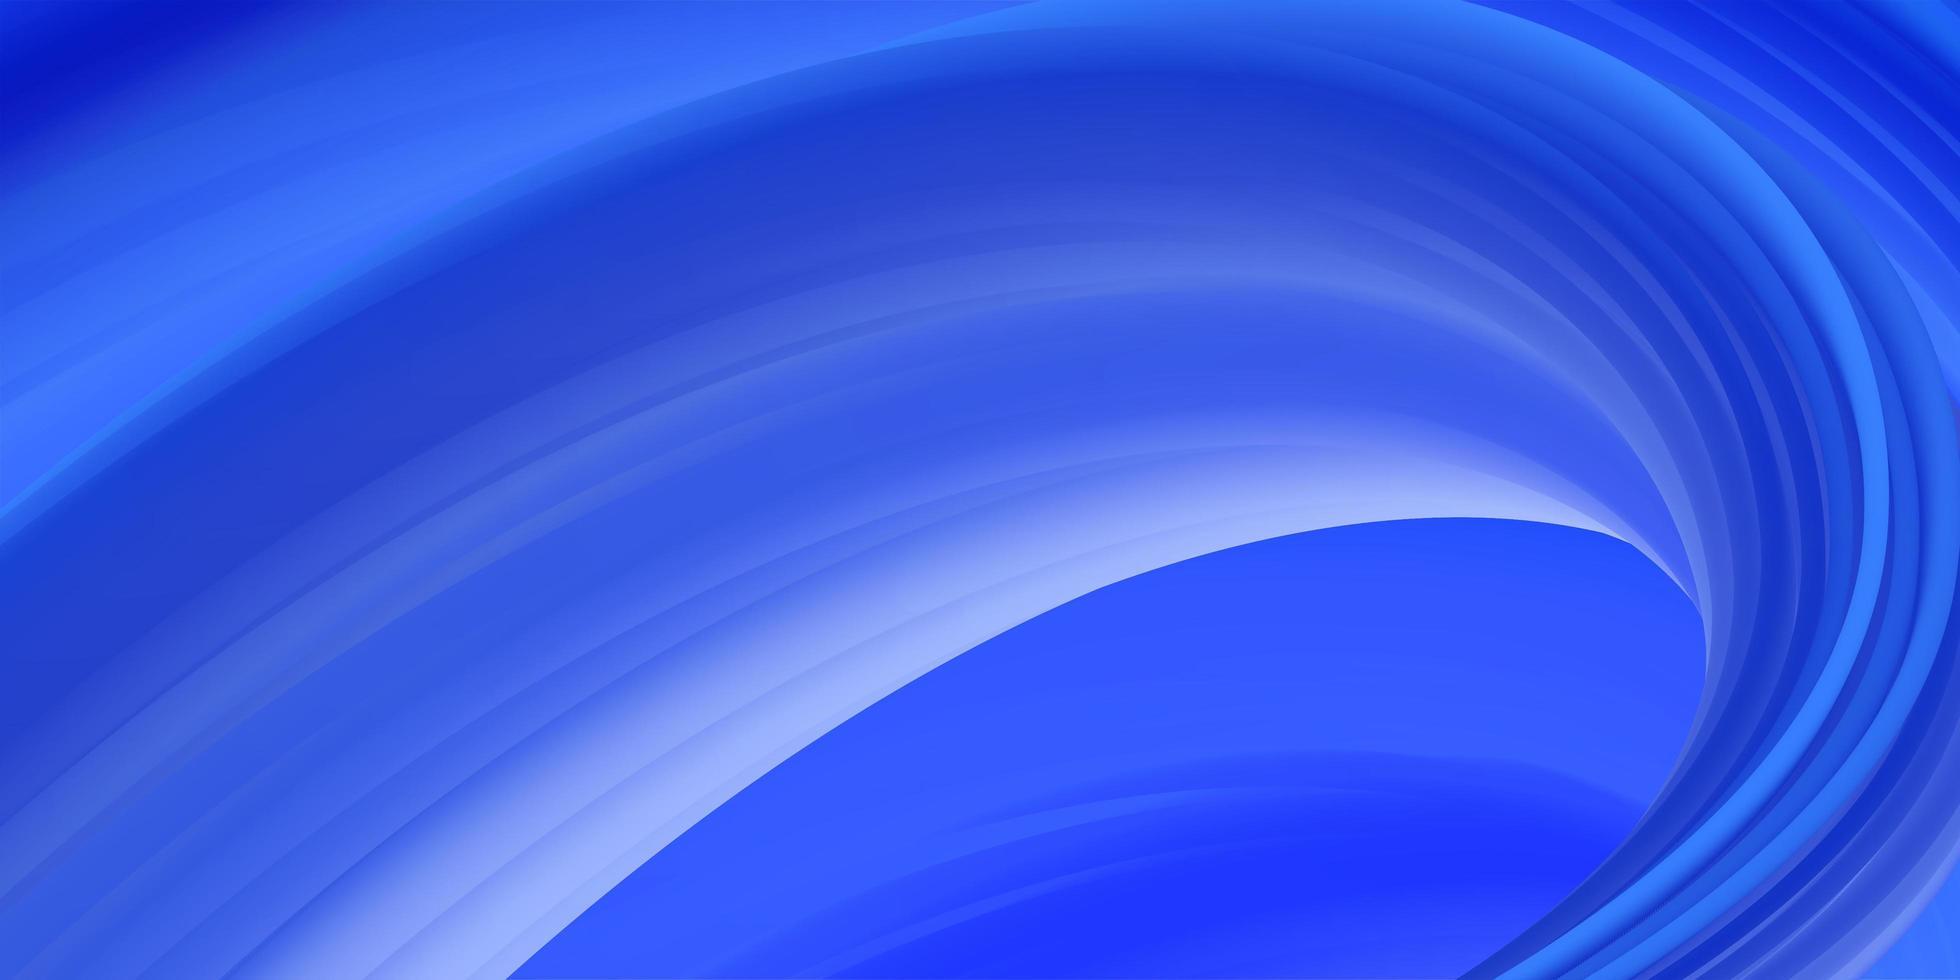 abstrakt blå våg design vektor